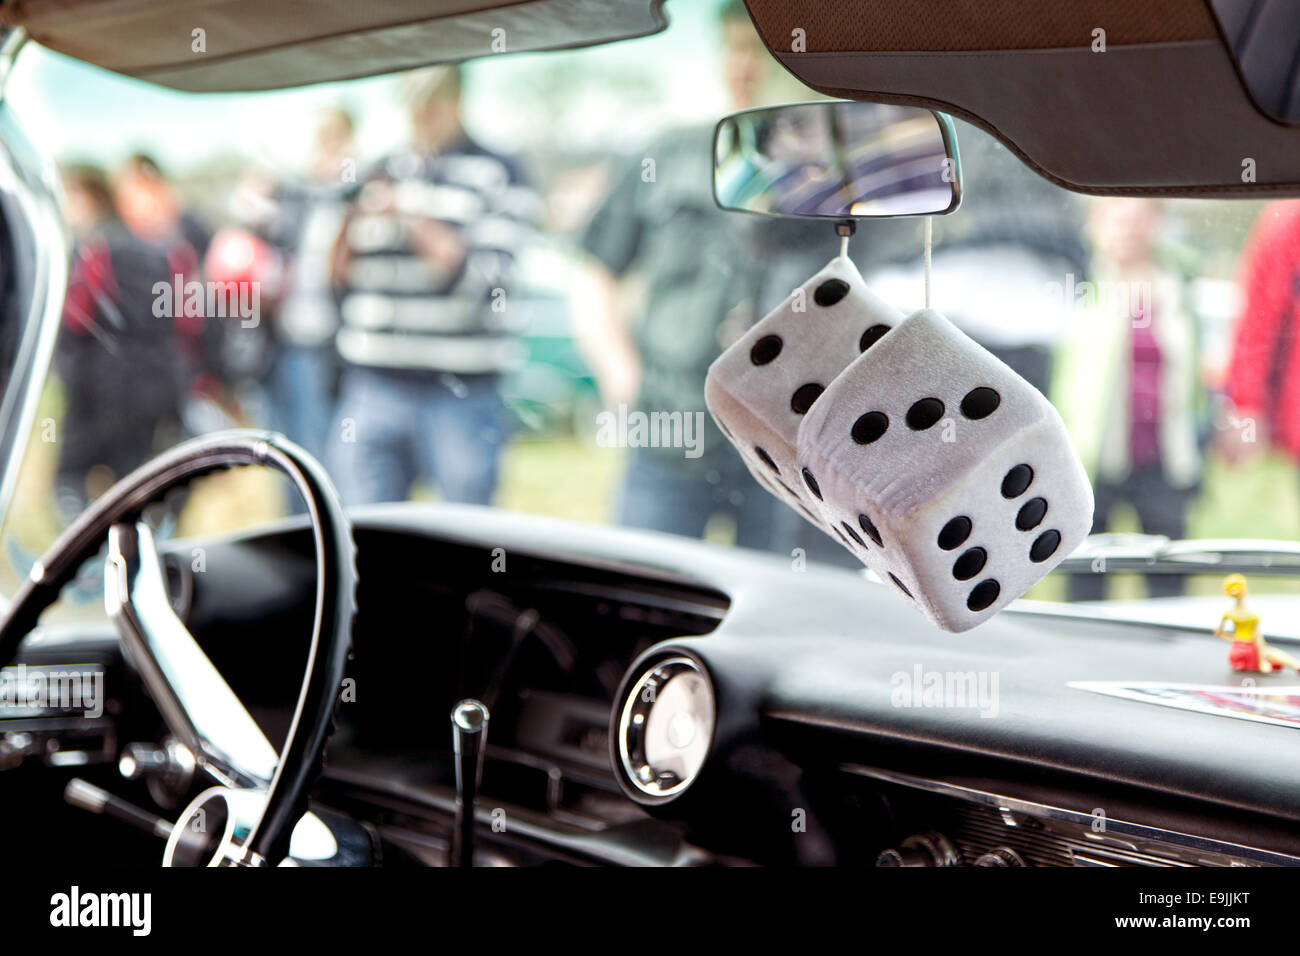 Fuzzy dados colgando del retrovisor interior de vintage limousine americana Imagen De Stock